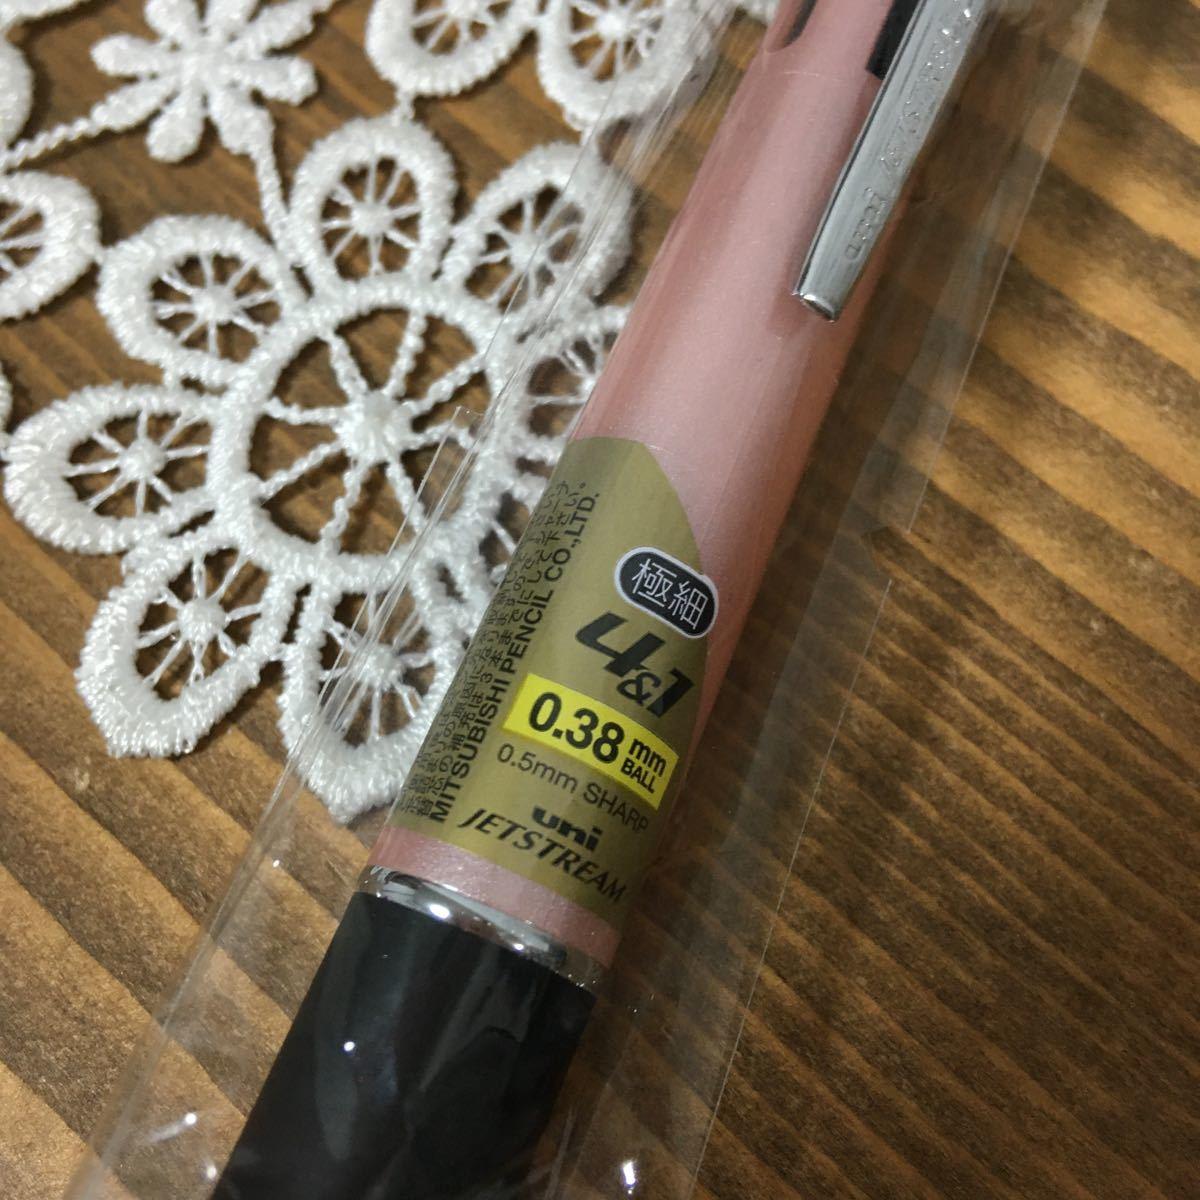 ブラック 極細 4&1 日本製 ジェットストリーム ボールペン uni 送料120 新品 0.38 極細  ベビーピンク_画像2